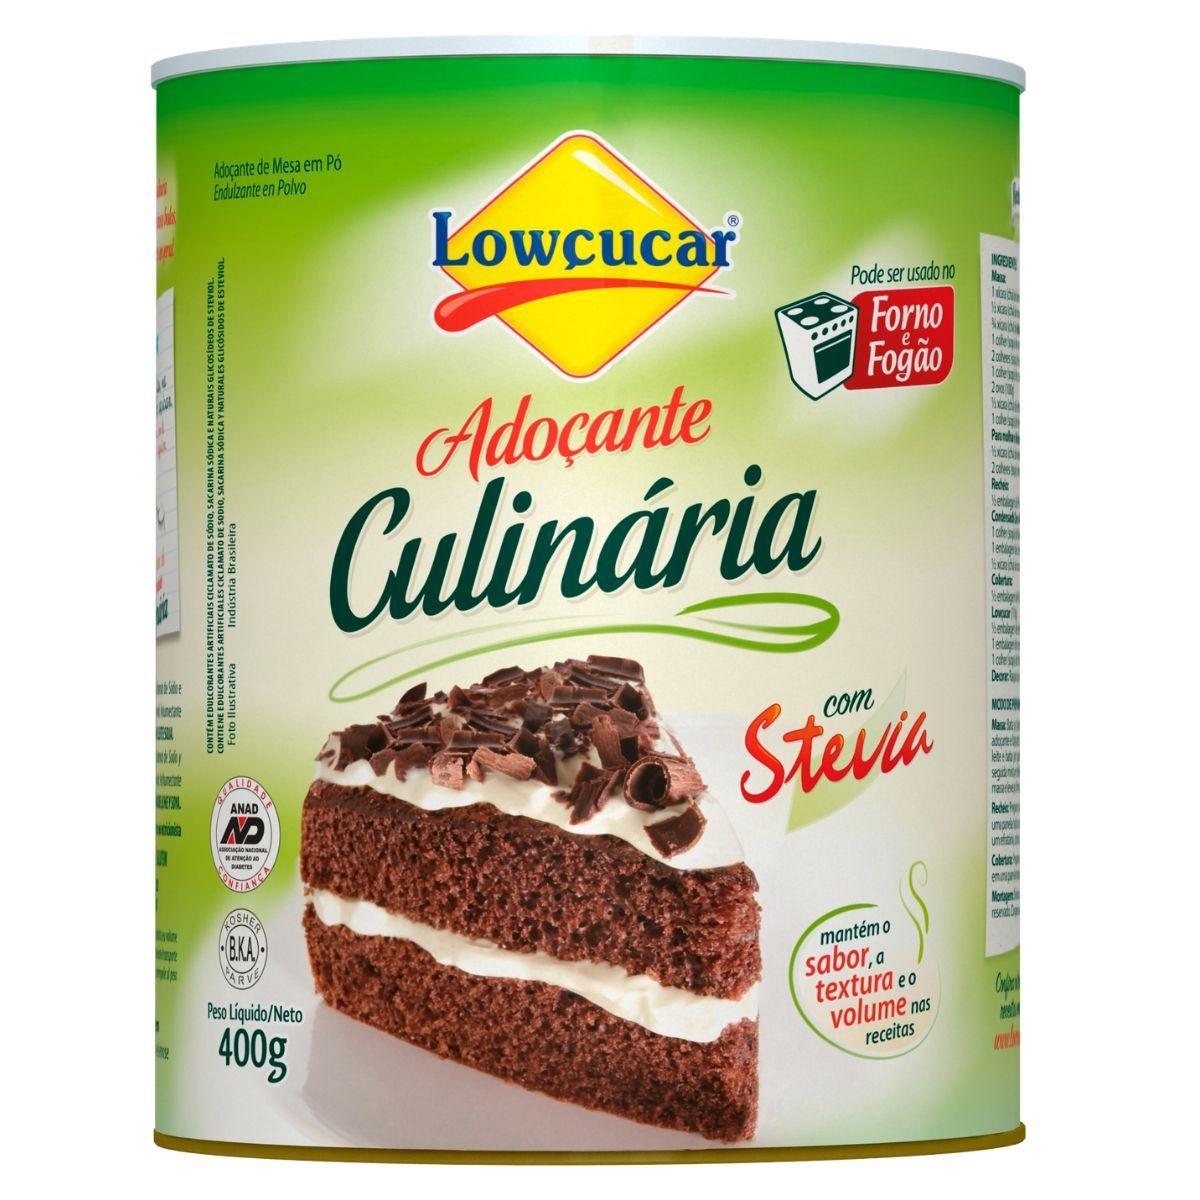 Adoçante Culinária C/ Stevia 400g Forno e Fogão  Lowçucar Plus